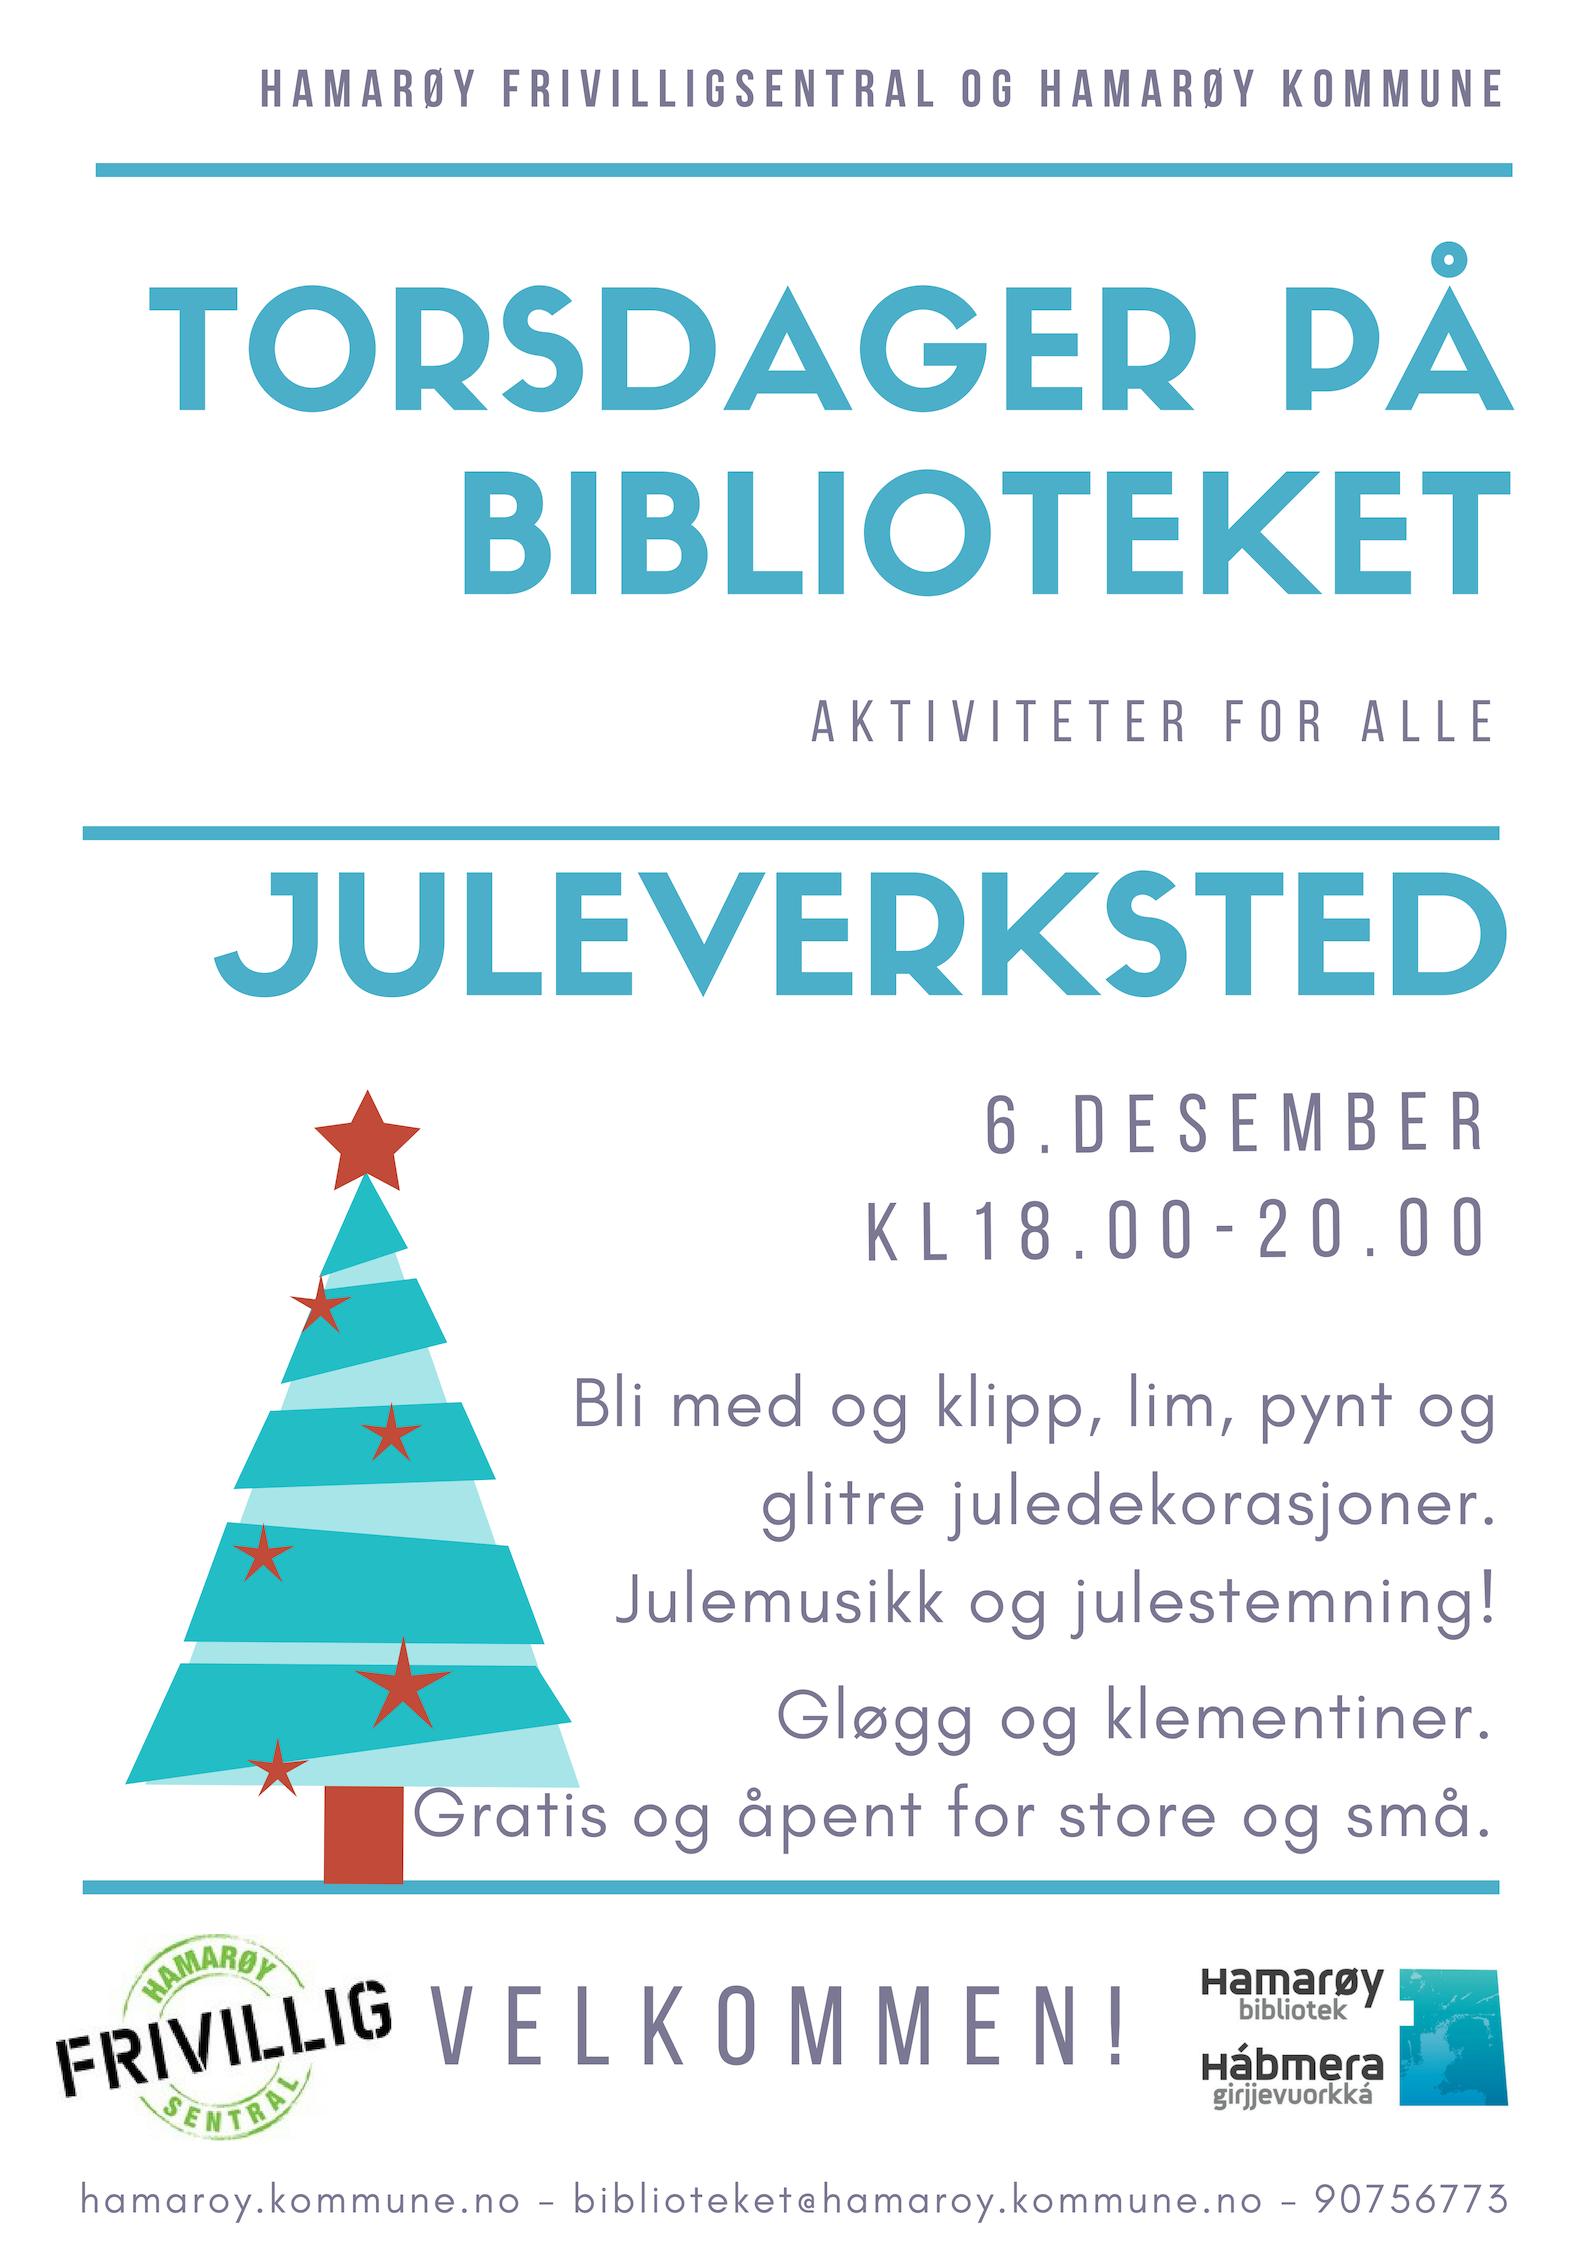 Copy of Torsdager på biblioteket 29.11.2018.png